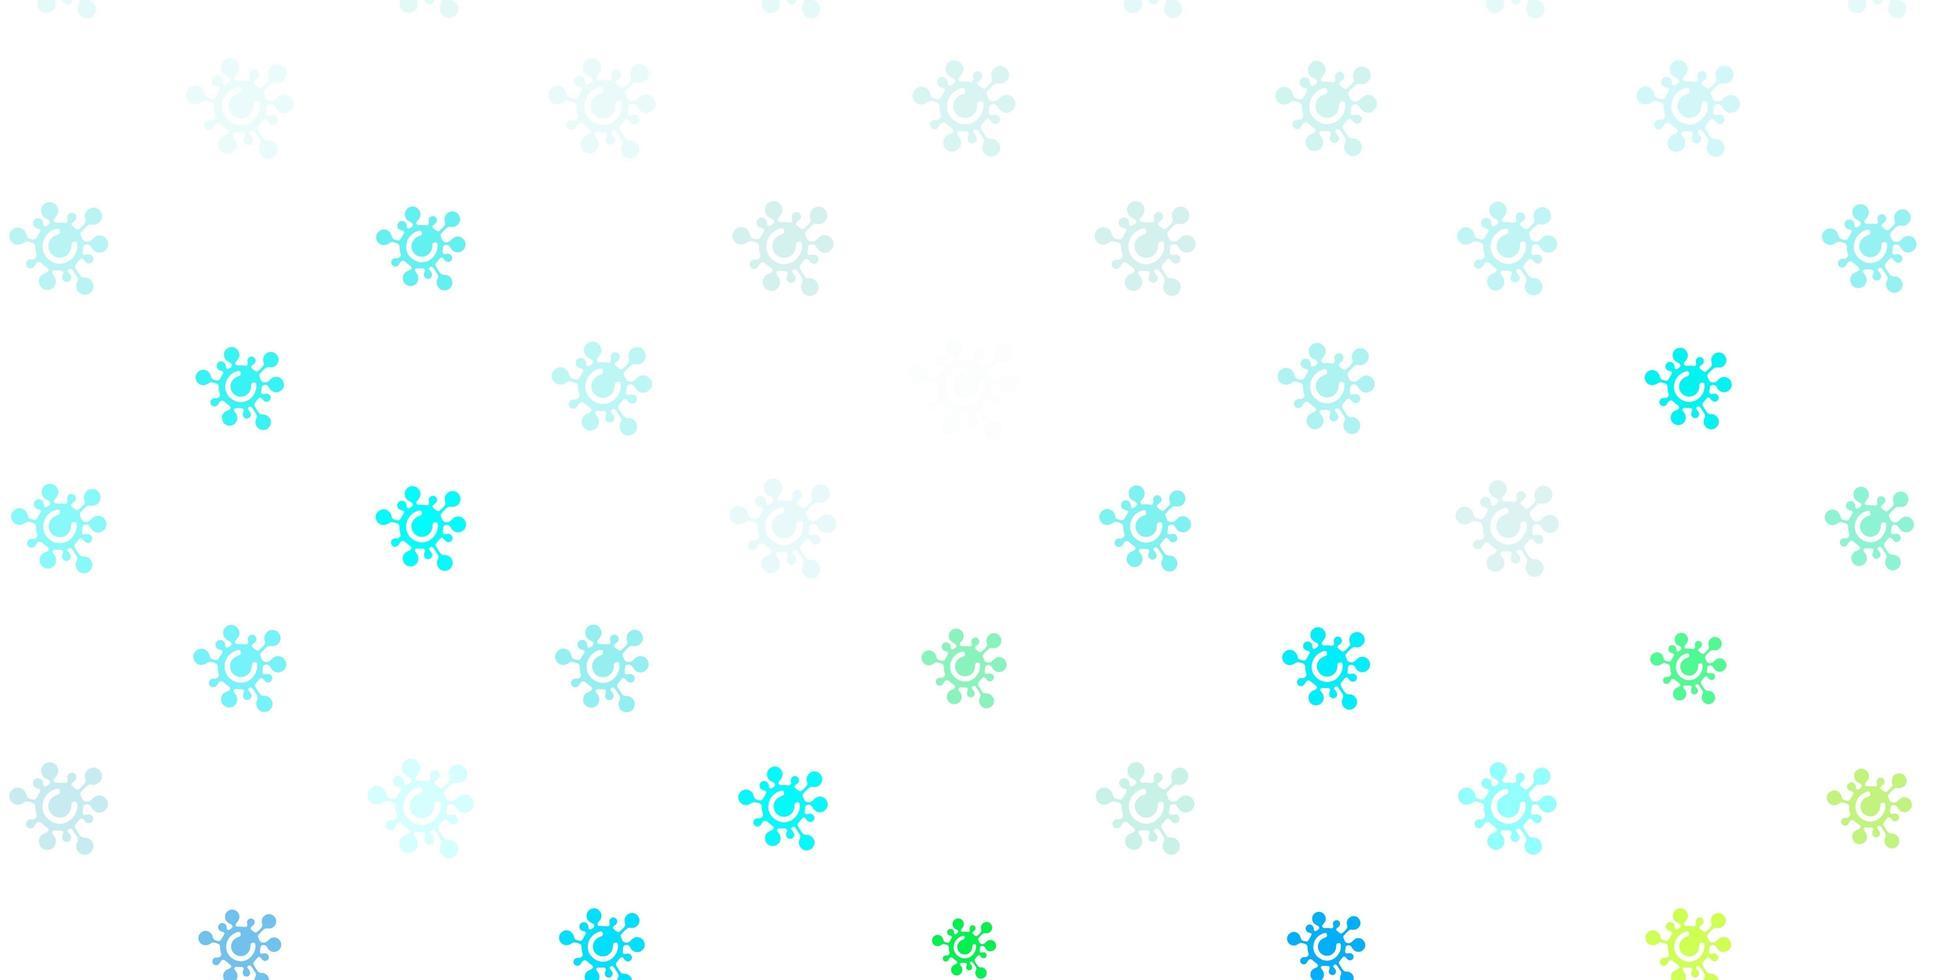 ljusblå, grön vektorbakgrund med covid-19 symboler vektor